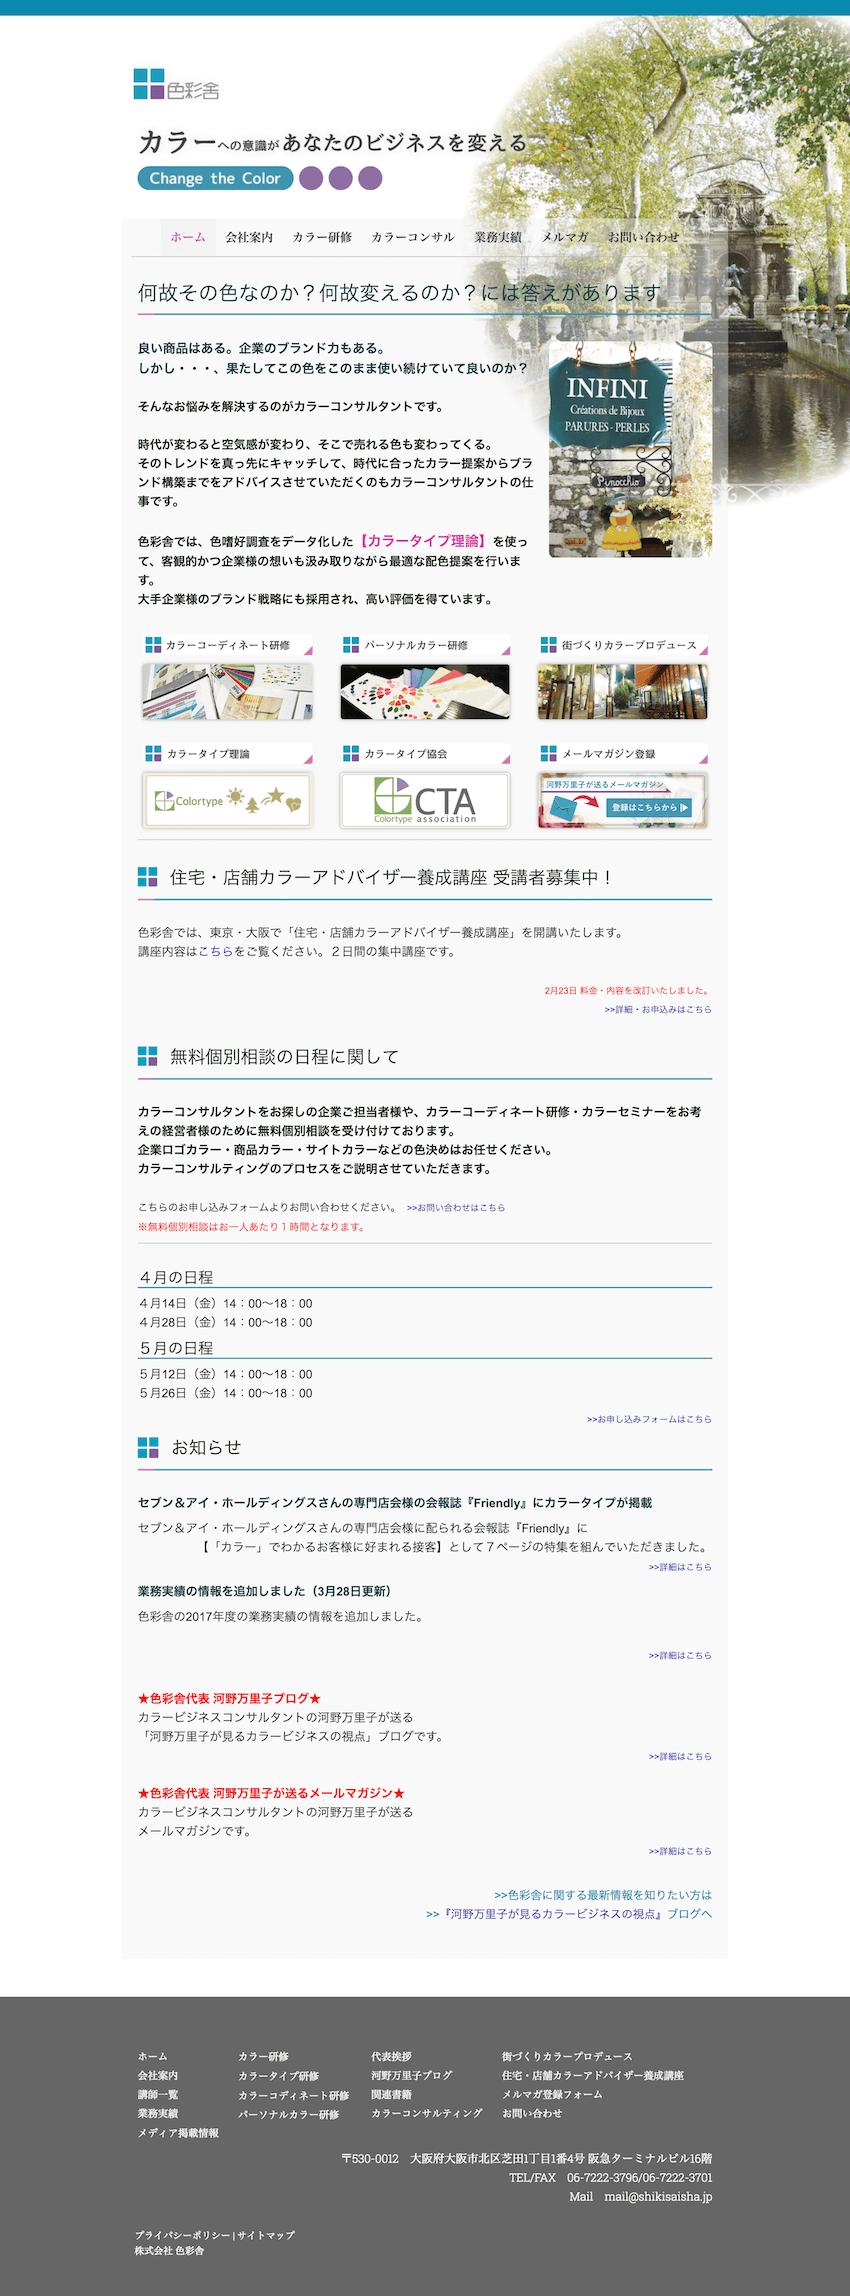 株式会社色彩舎 TOPページ